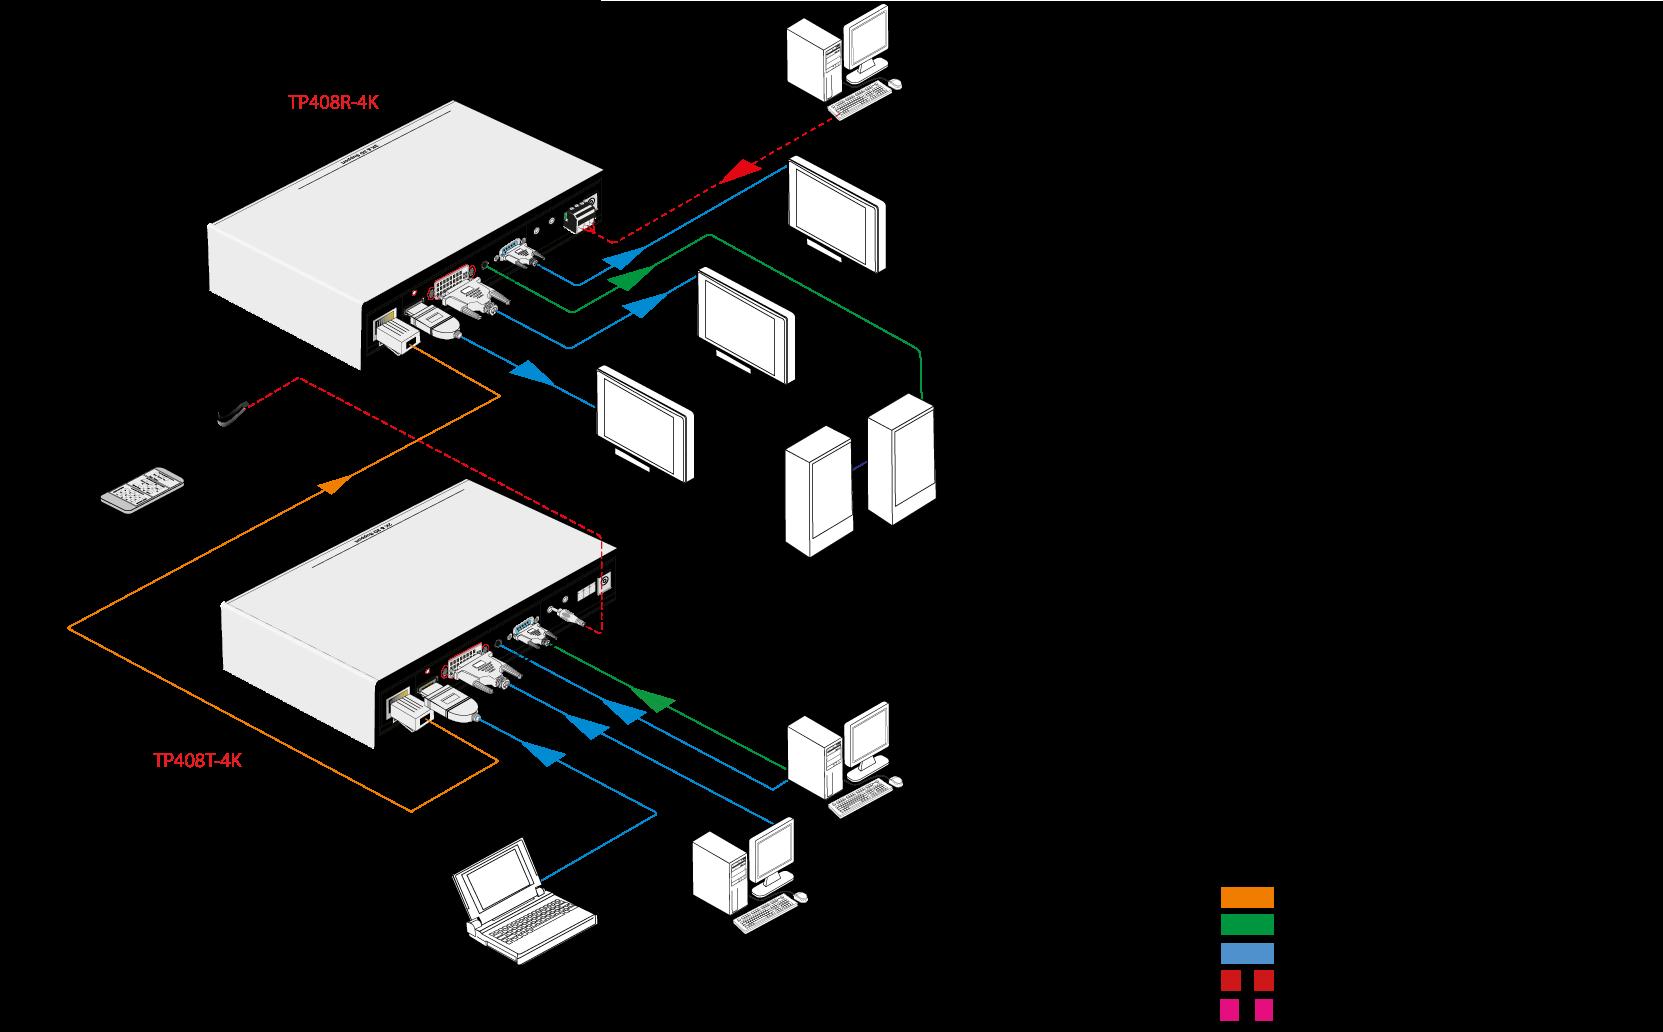 TP408P | Kit sélecteur récepteur HDBaseT 70 m, HDMI / VGA / DVI